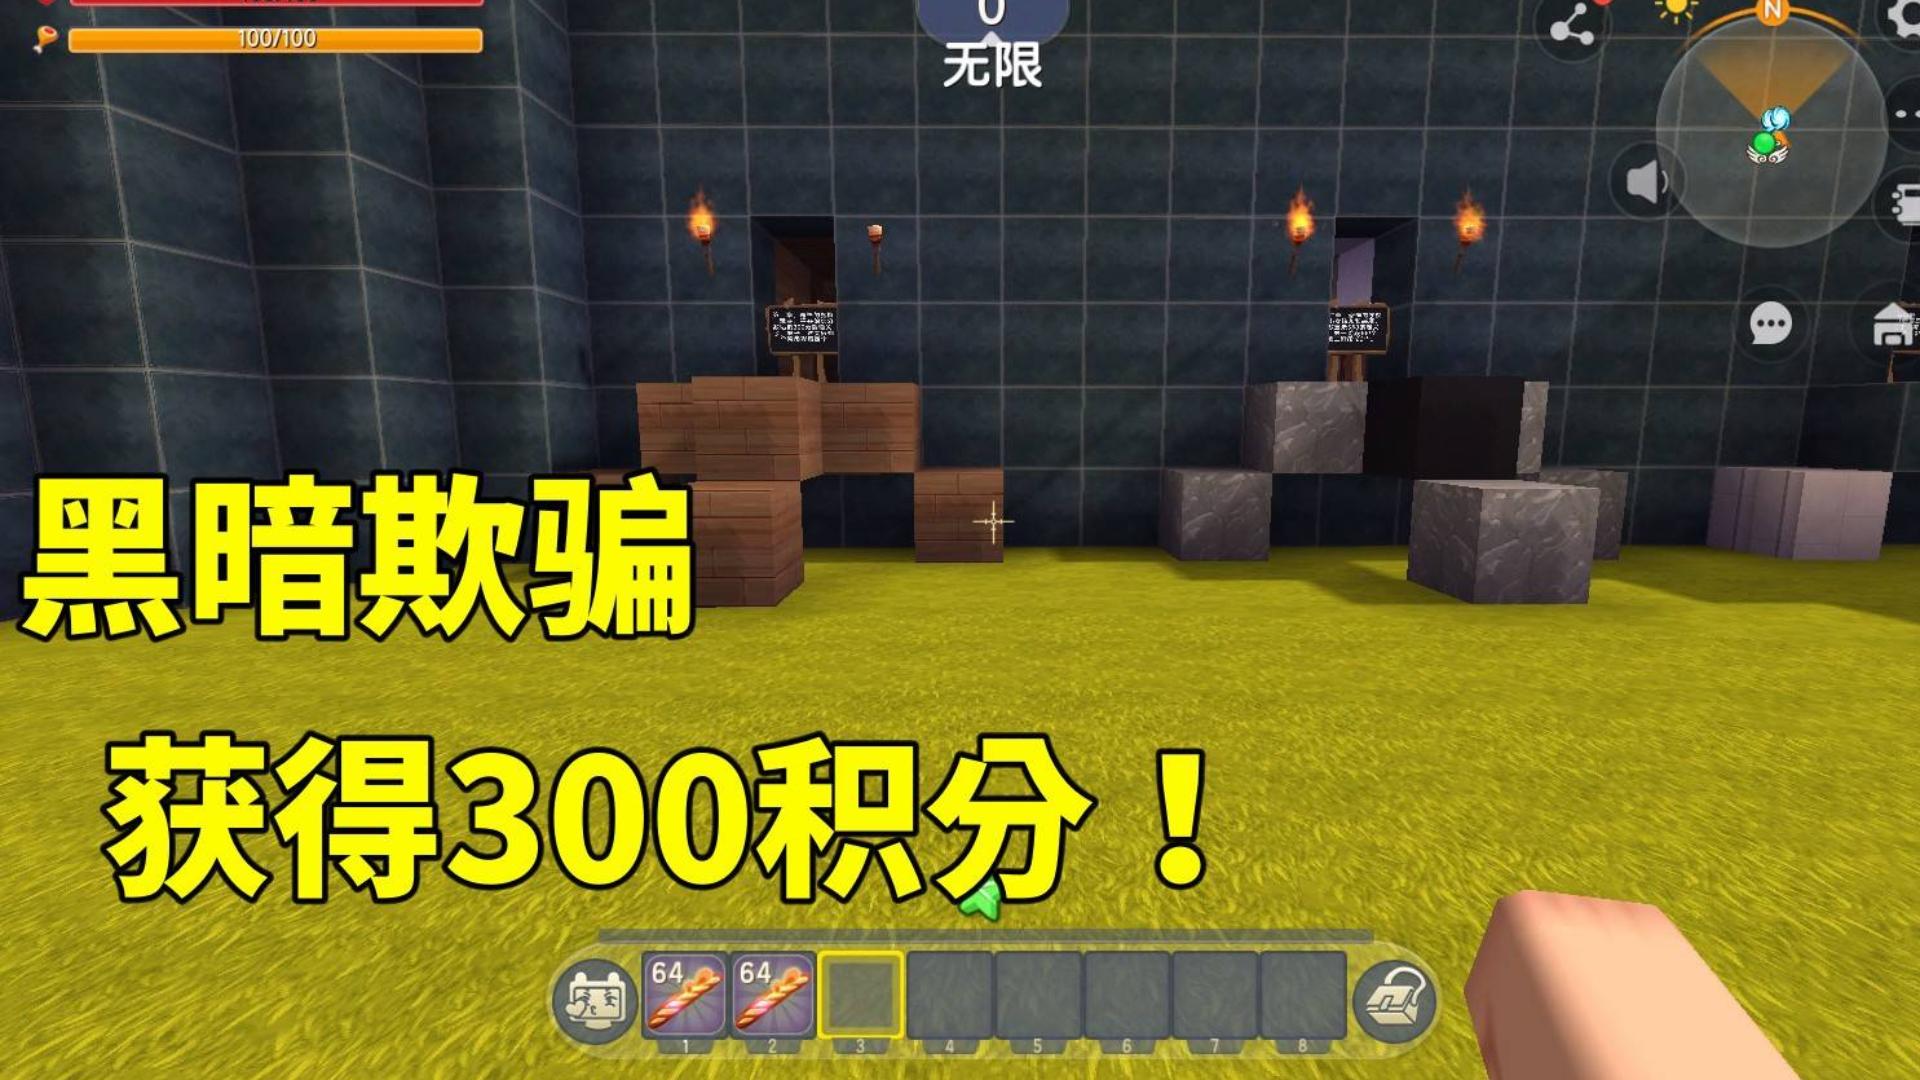 迷你世界:黑暗欺骗地图,需要达到300分获得胜利,居然这么多?